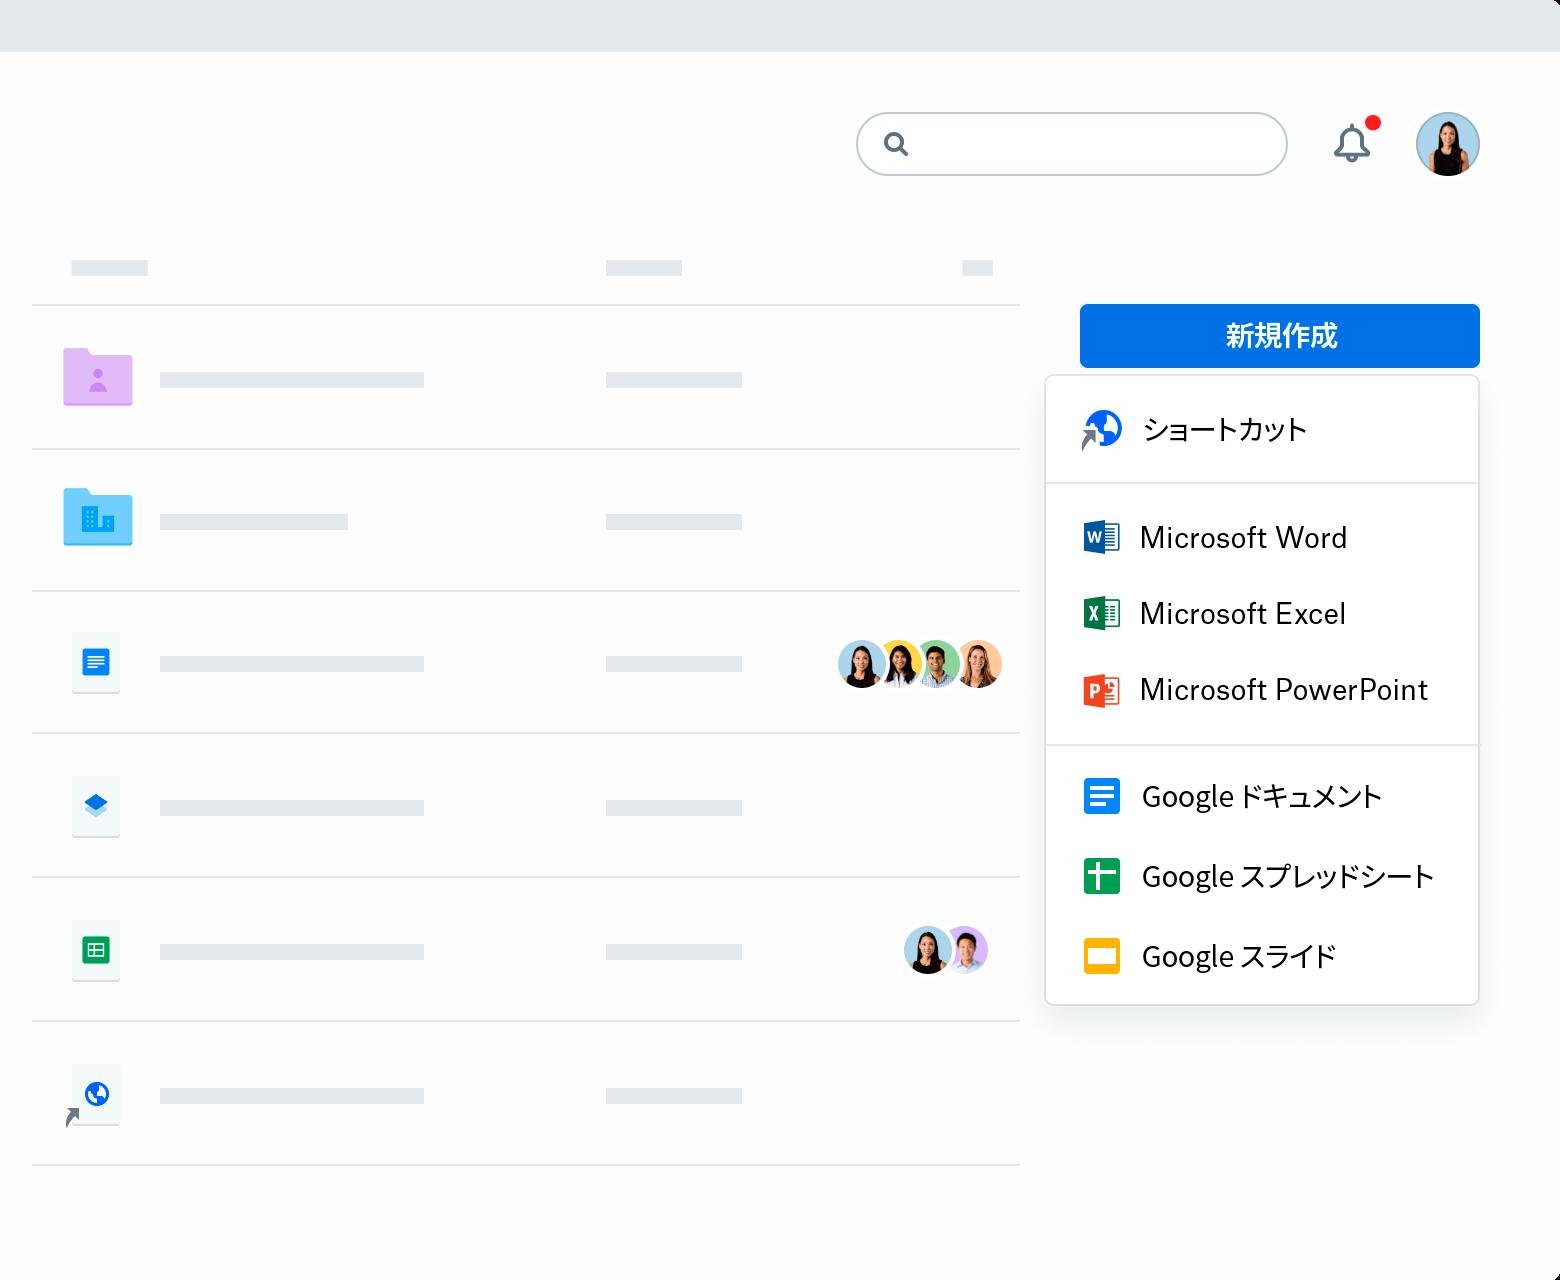 Dropbox.com の[新規作成]プルダウン メニューのスクリーンショットです。メニューには、[ショートカット]、[Microsoft Word]、[Microsoft Excel]、[Microsoft PowerPoint]、[Google ドキュメント]、[Google スプレッドシート]、[Google スライド]という項目が表示されています。